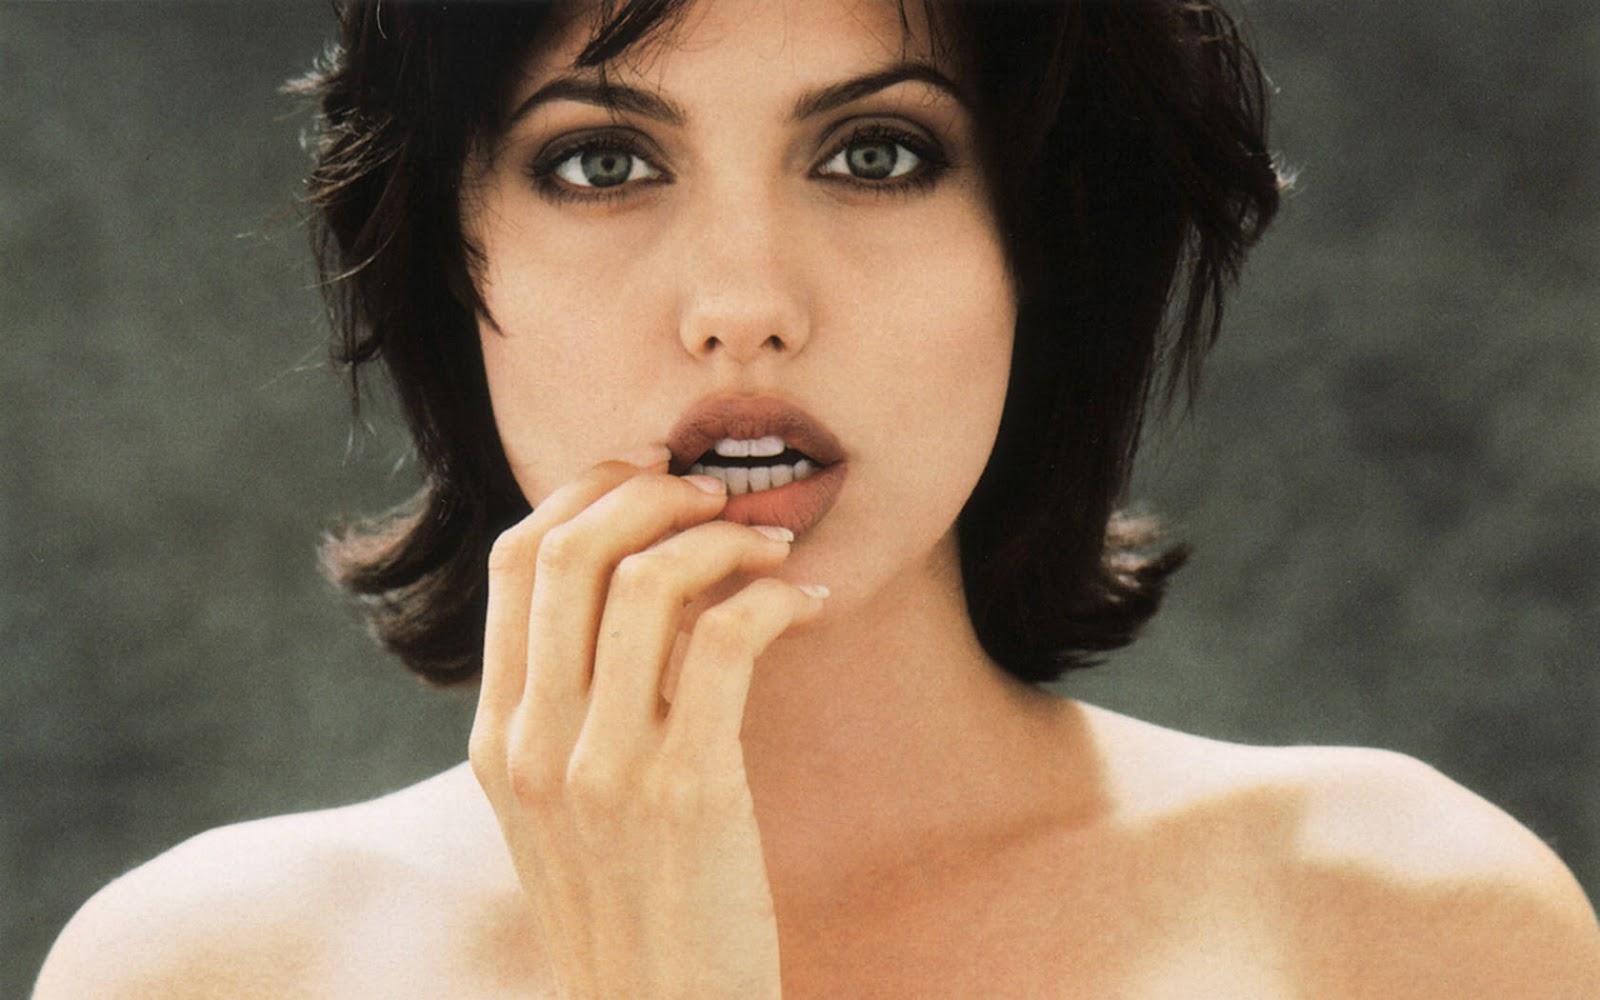 http://3.bp.blogspot.com/-bnSLbPtZAfQ/T3cgS0UiyjI/AAAAAAAAdwc/HdqaIsi7FOQ/s1600/Angelina+Jolie+%2873%29.jpg